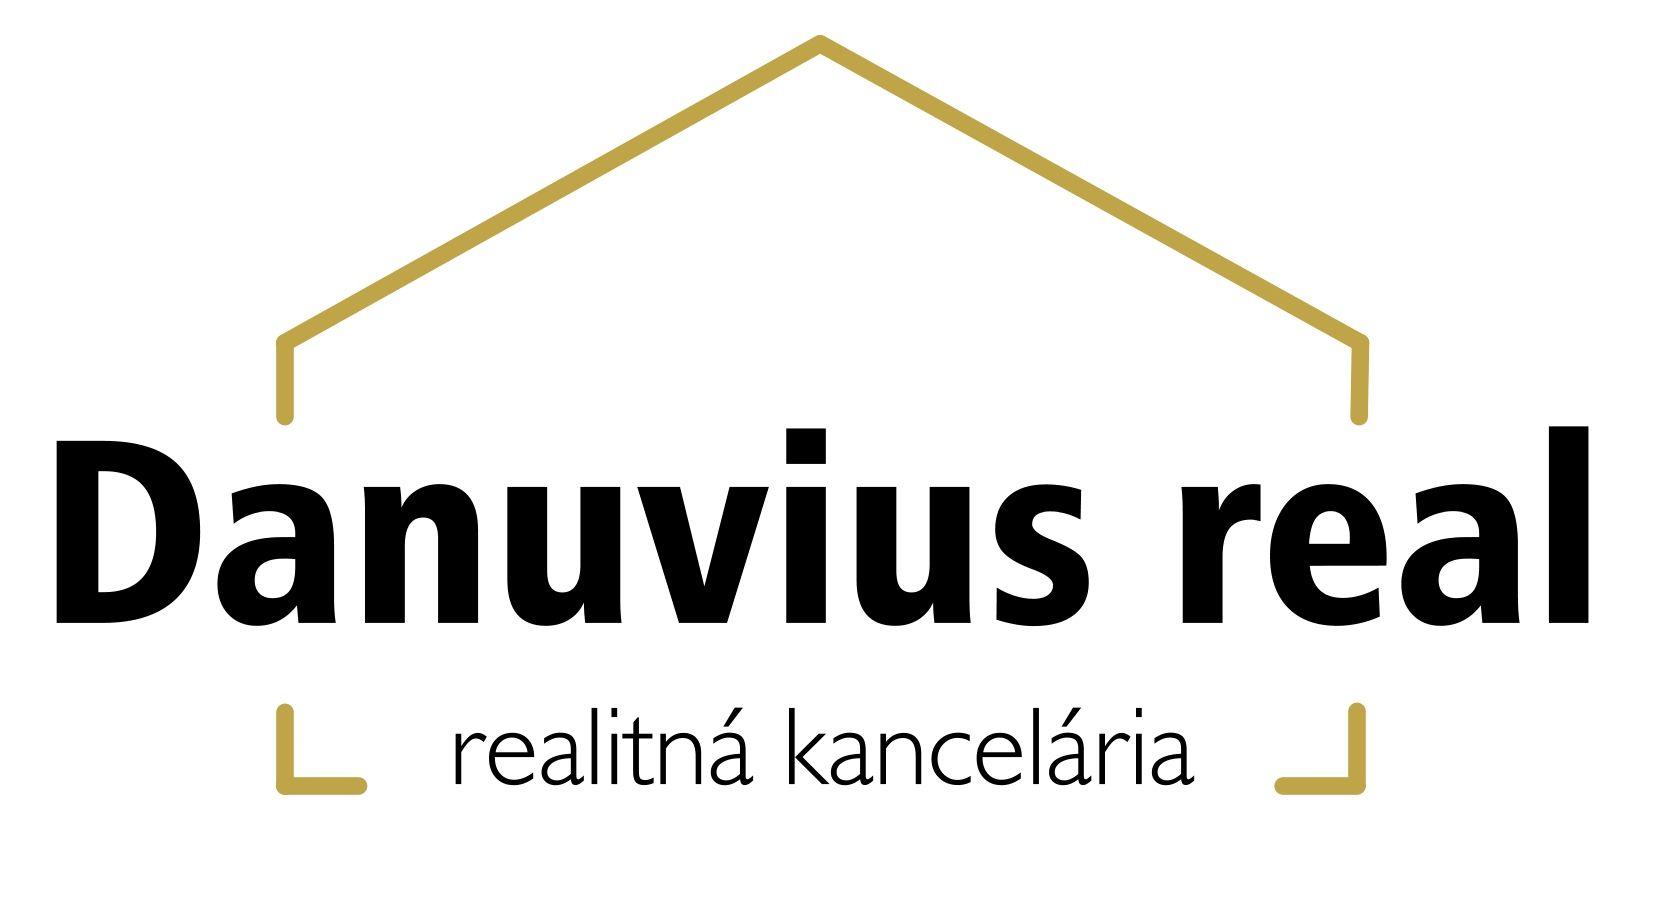 DANUVIUS real